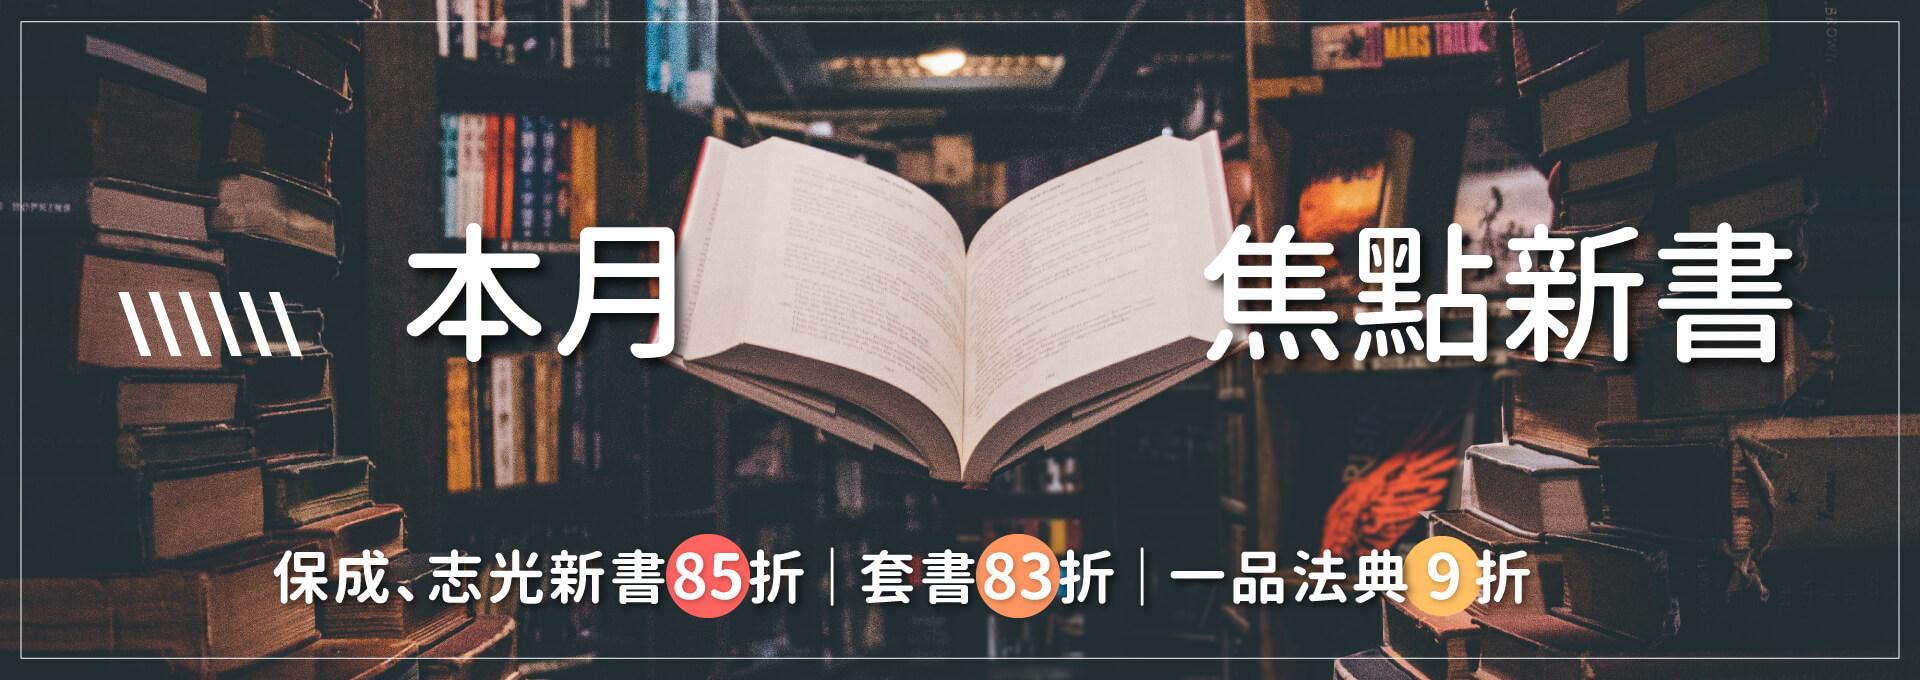 保成網路書局近期焦點新書